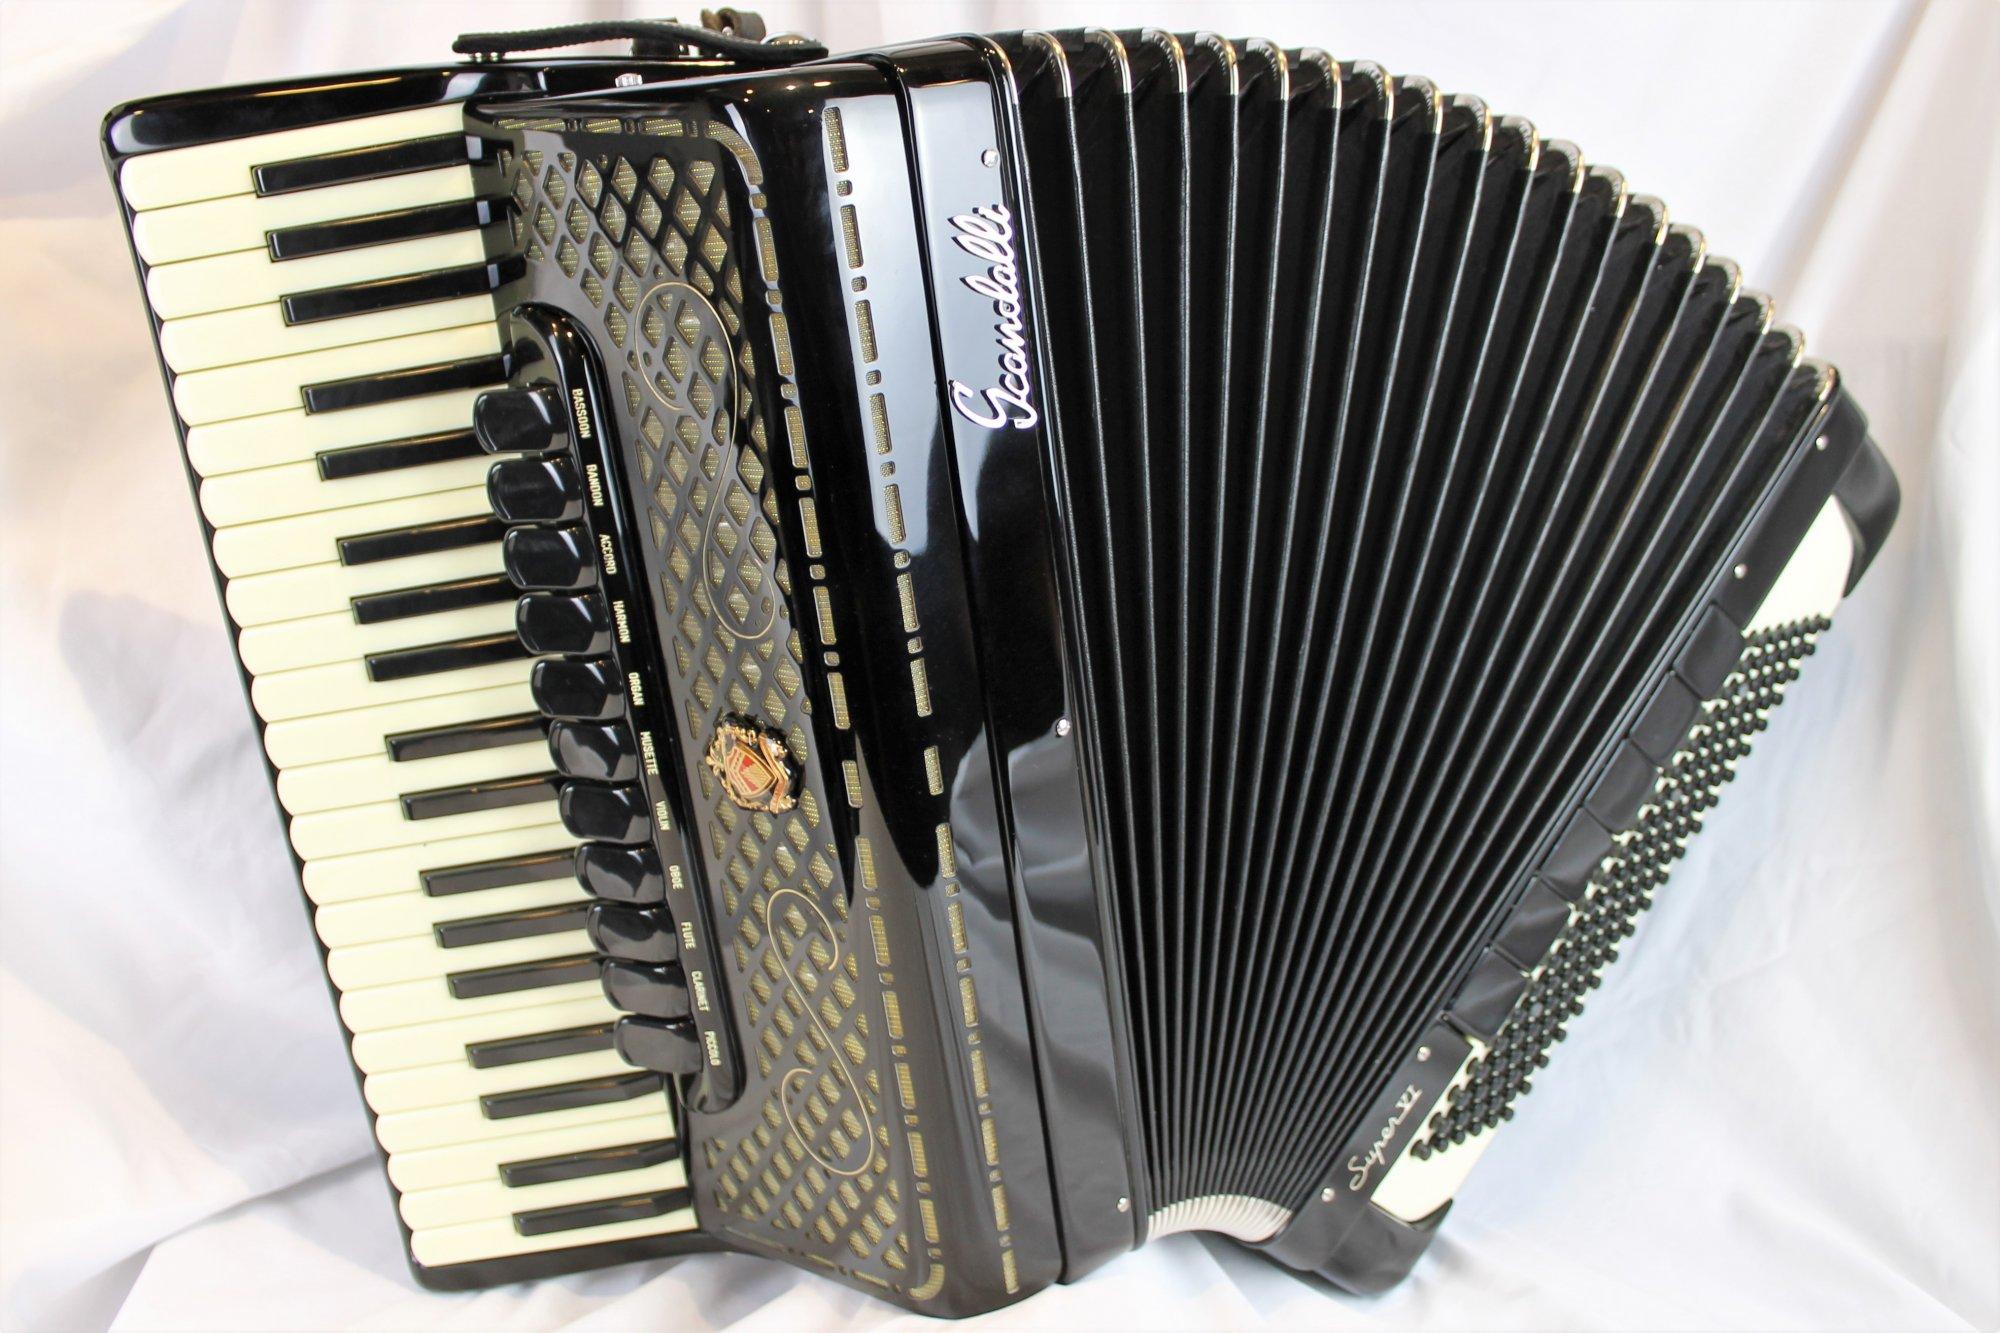 NEW Black Scandalli Super VI 2S Piano Accordion LMMH 41 120